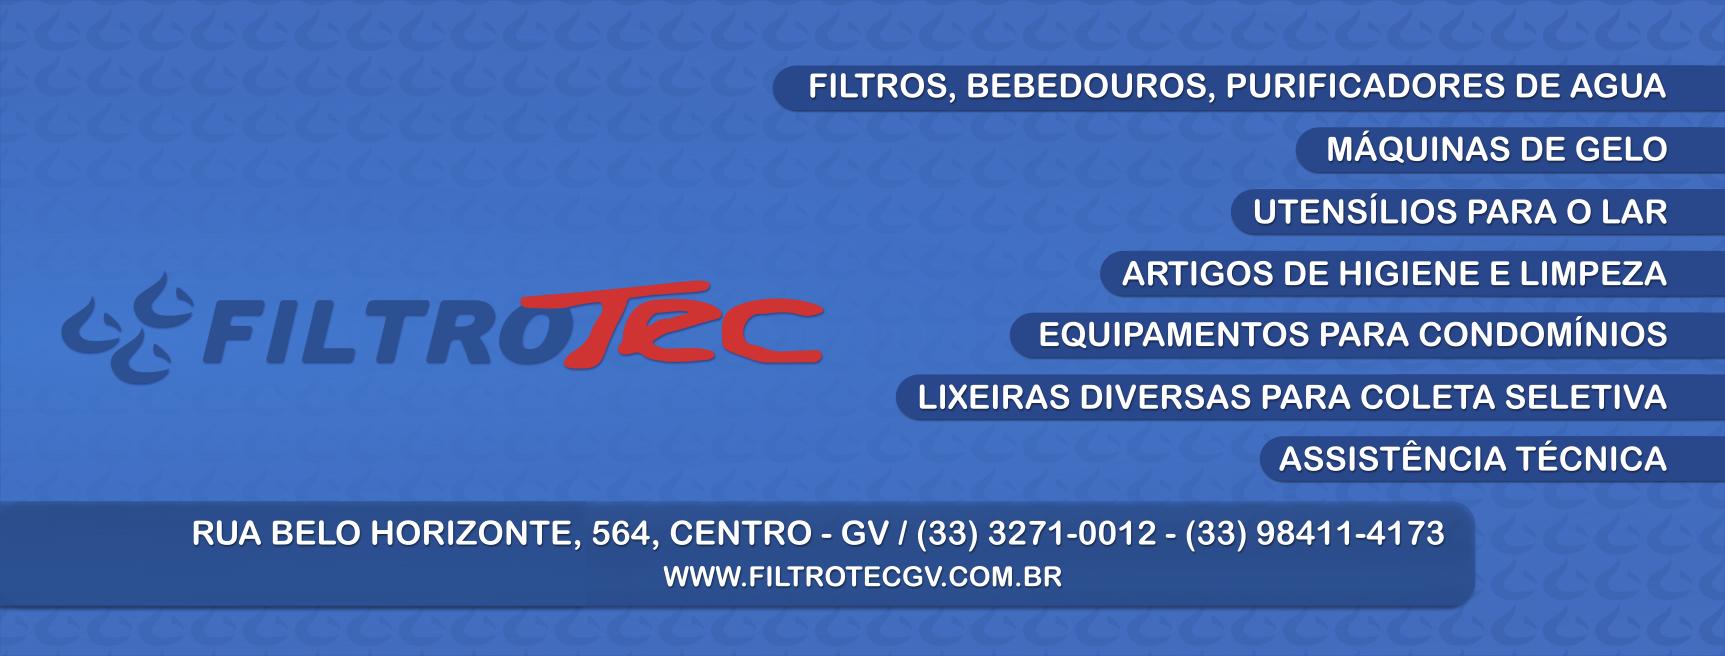 Filtrotec